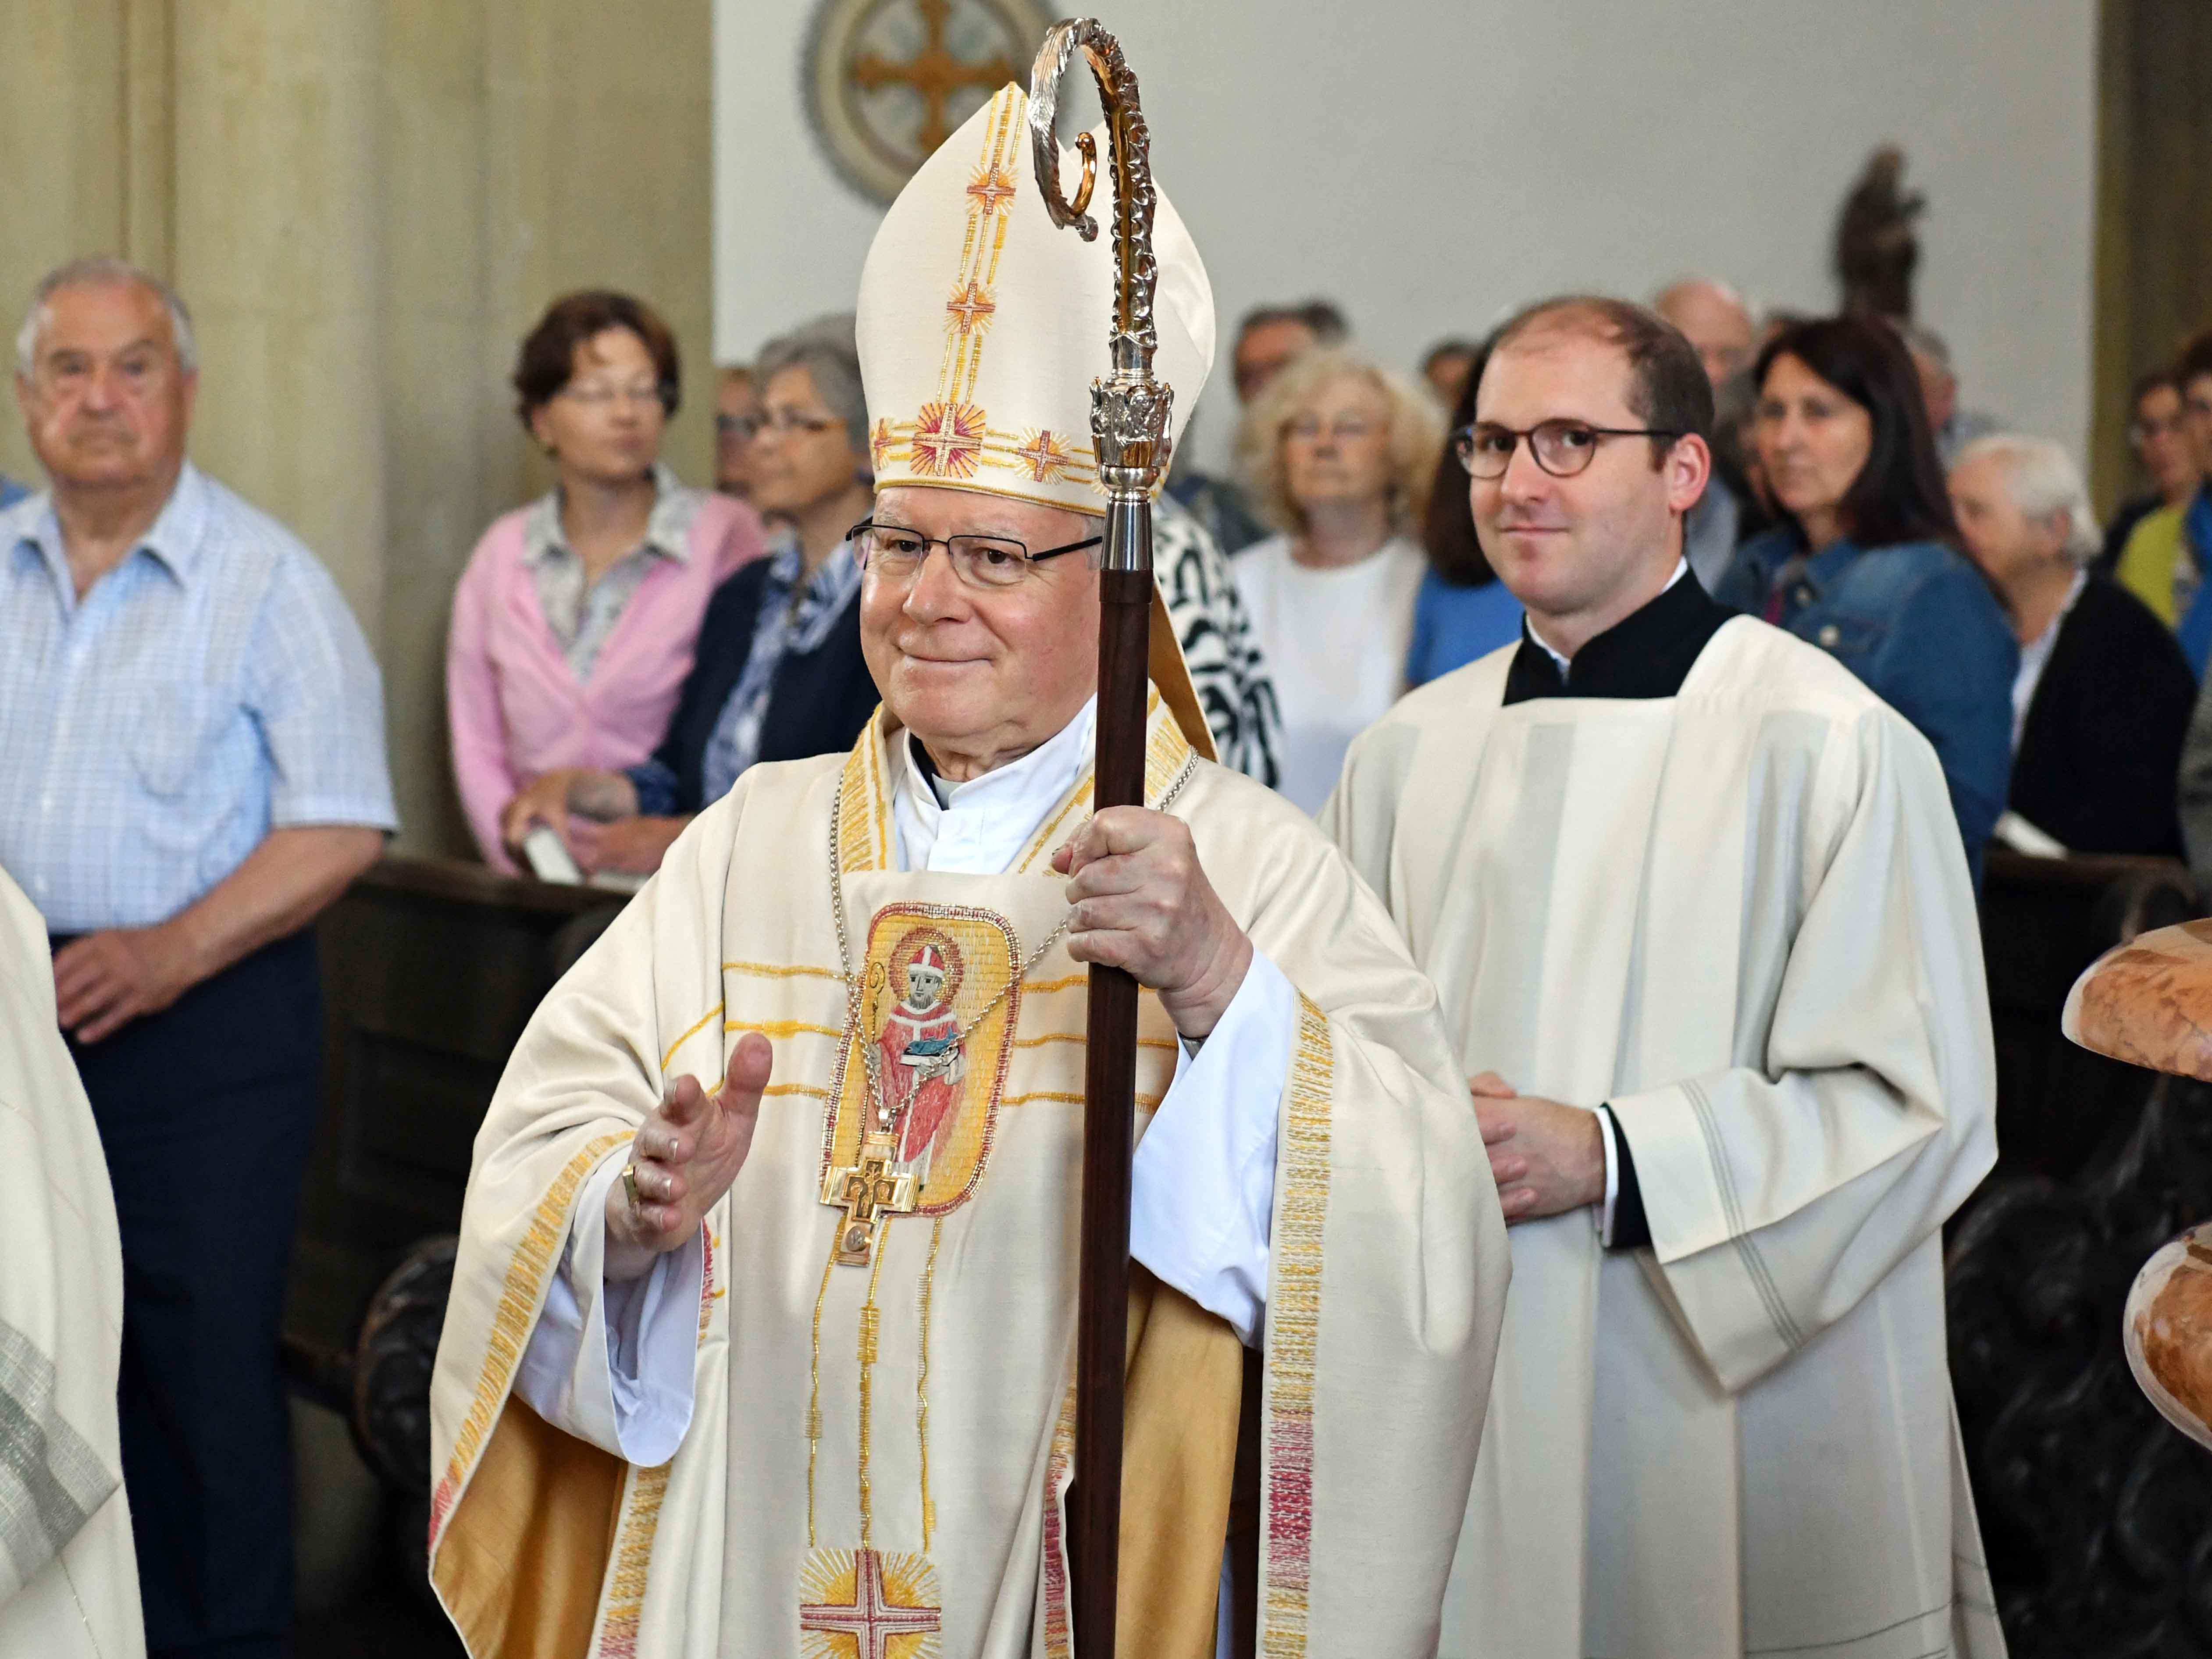 Das heutige Pontifkalamt zum Ulrichsfest war die letzte Amtshandlung von Bischof Konrad als amtierender  Bischof von Augsburg (Foto: Nicolas Schnall / pba).